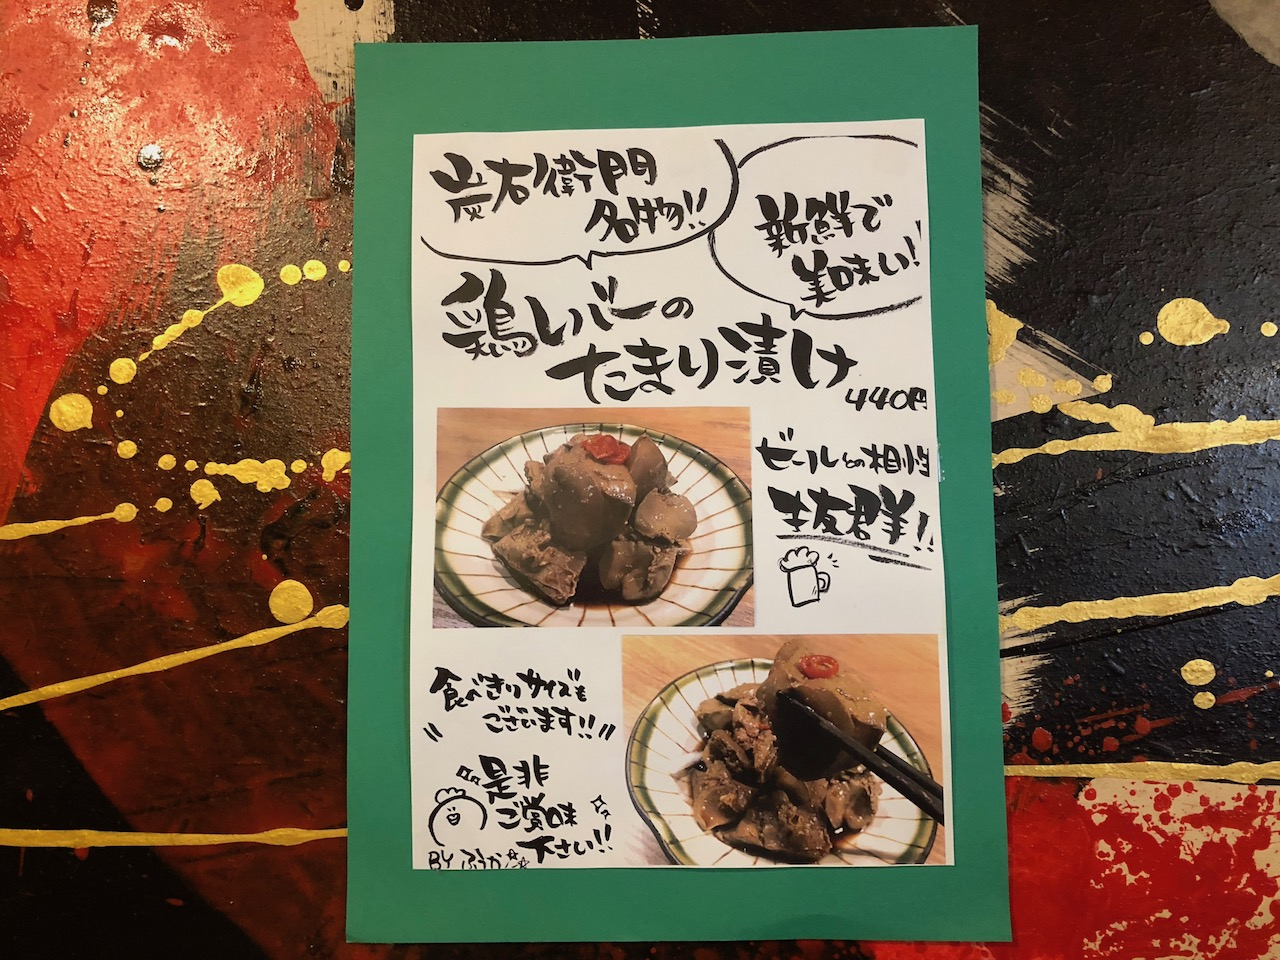 姫路駅前フェスタ2階の唐揚げ食べ放題ランチ!炭火串焼と旬鮮料理の店 播州 炭右衛門(すみえもん)